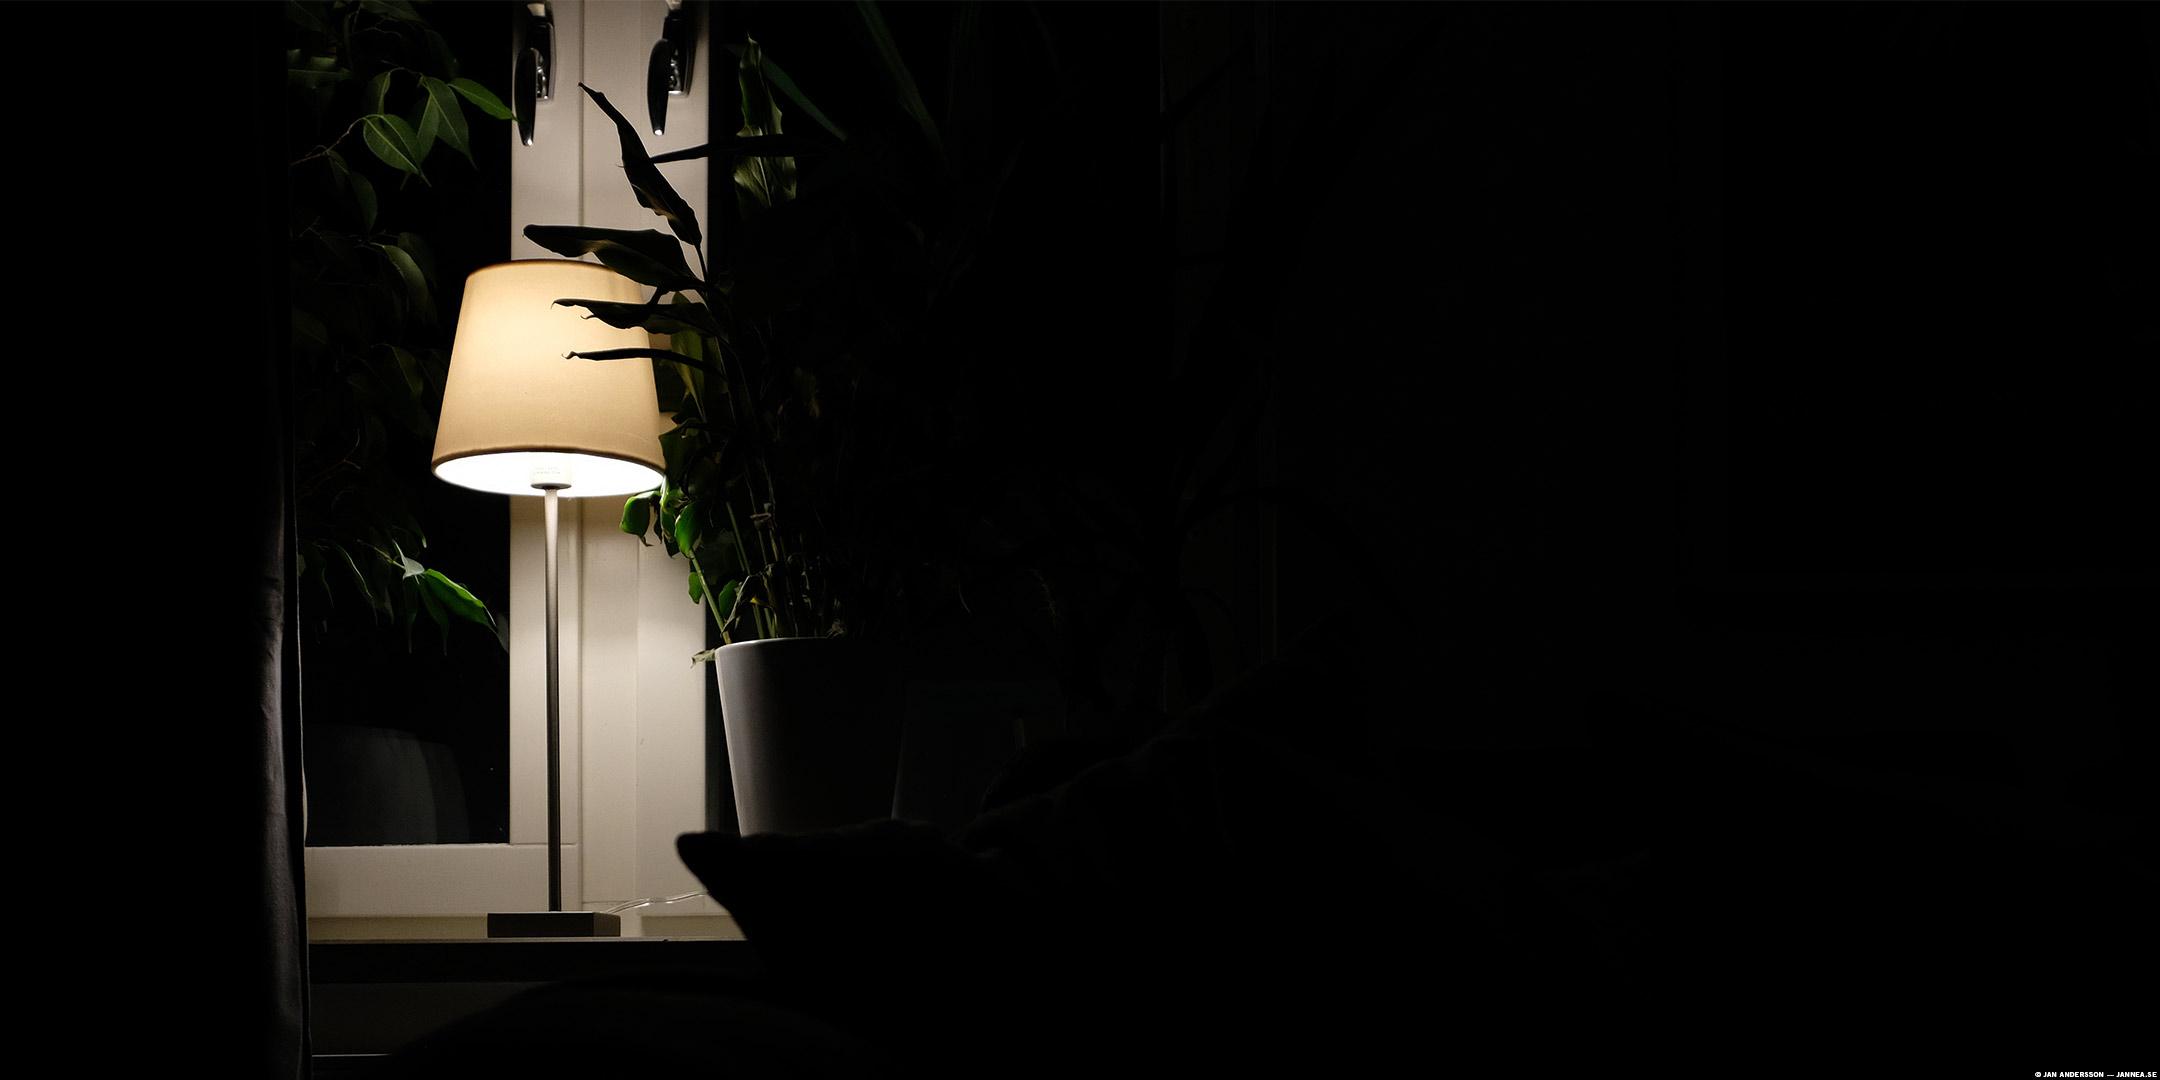 Dåligt ljus i ett mörkt rum fungerar också som test |© Jan Andersson